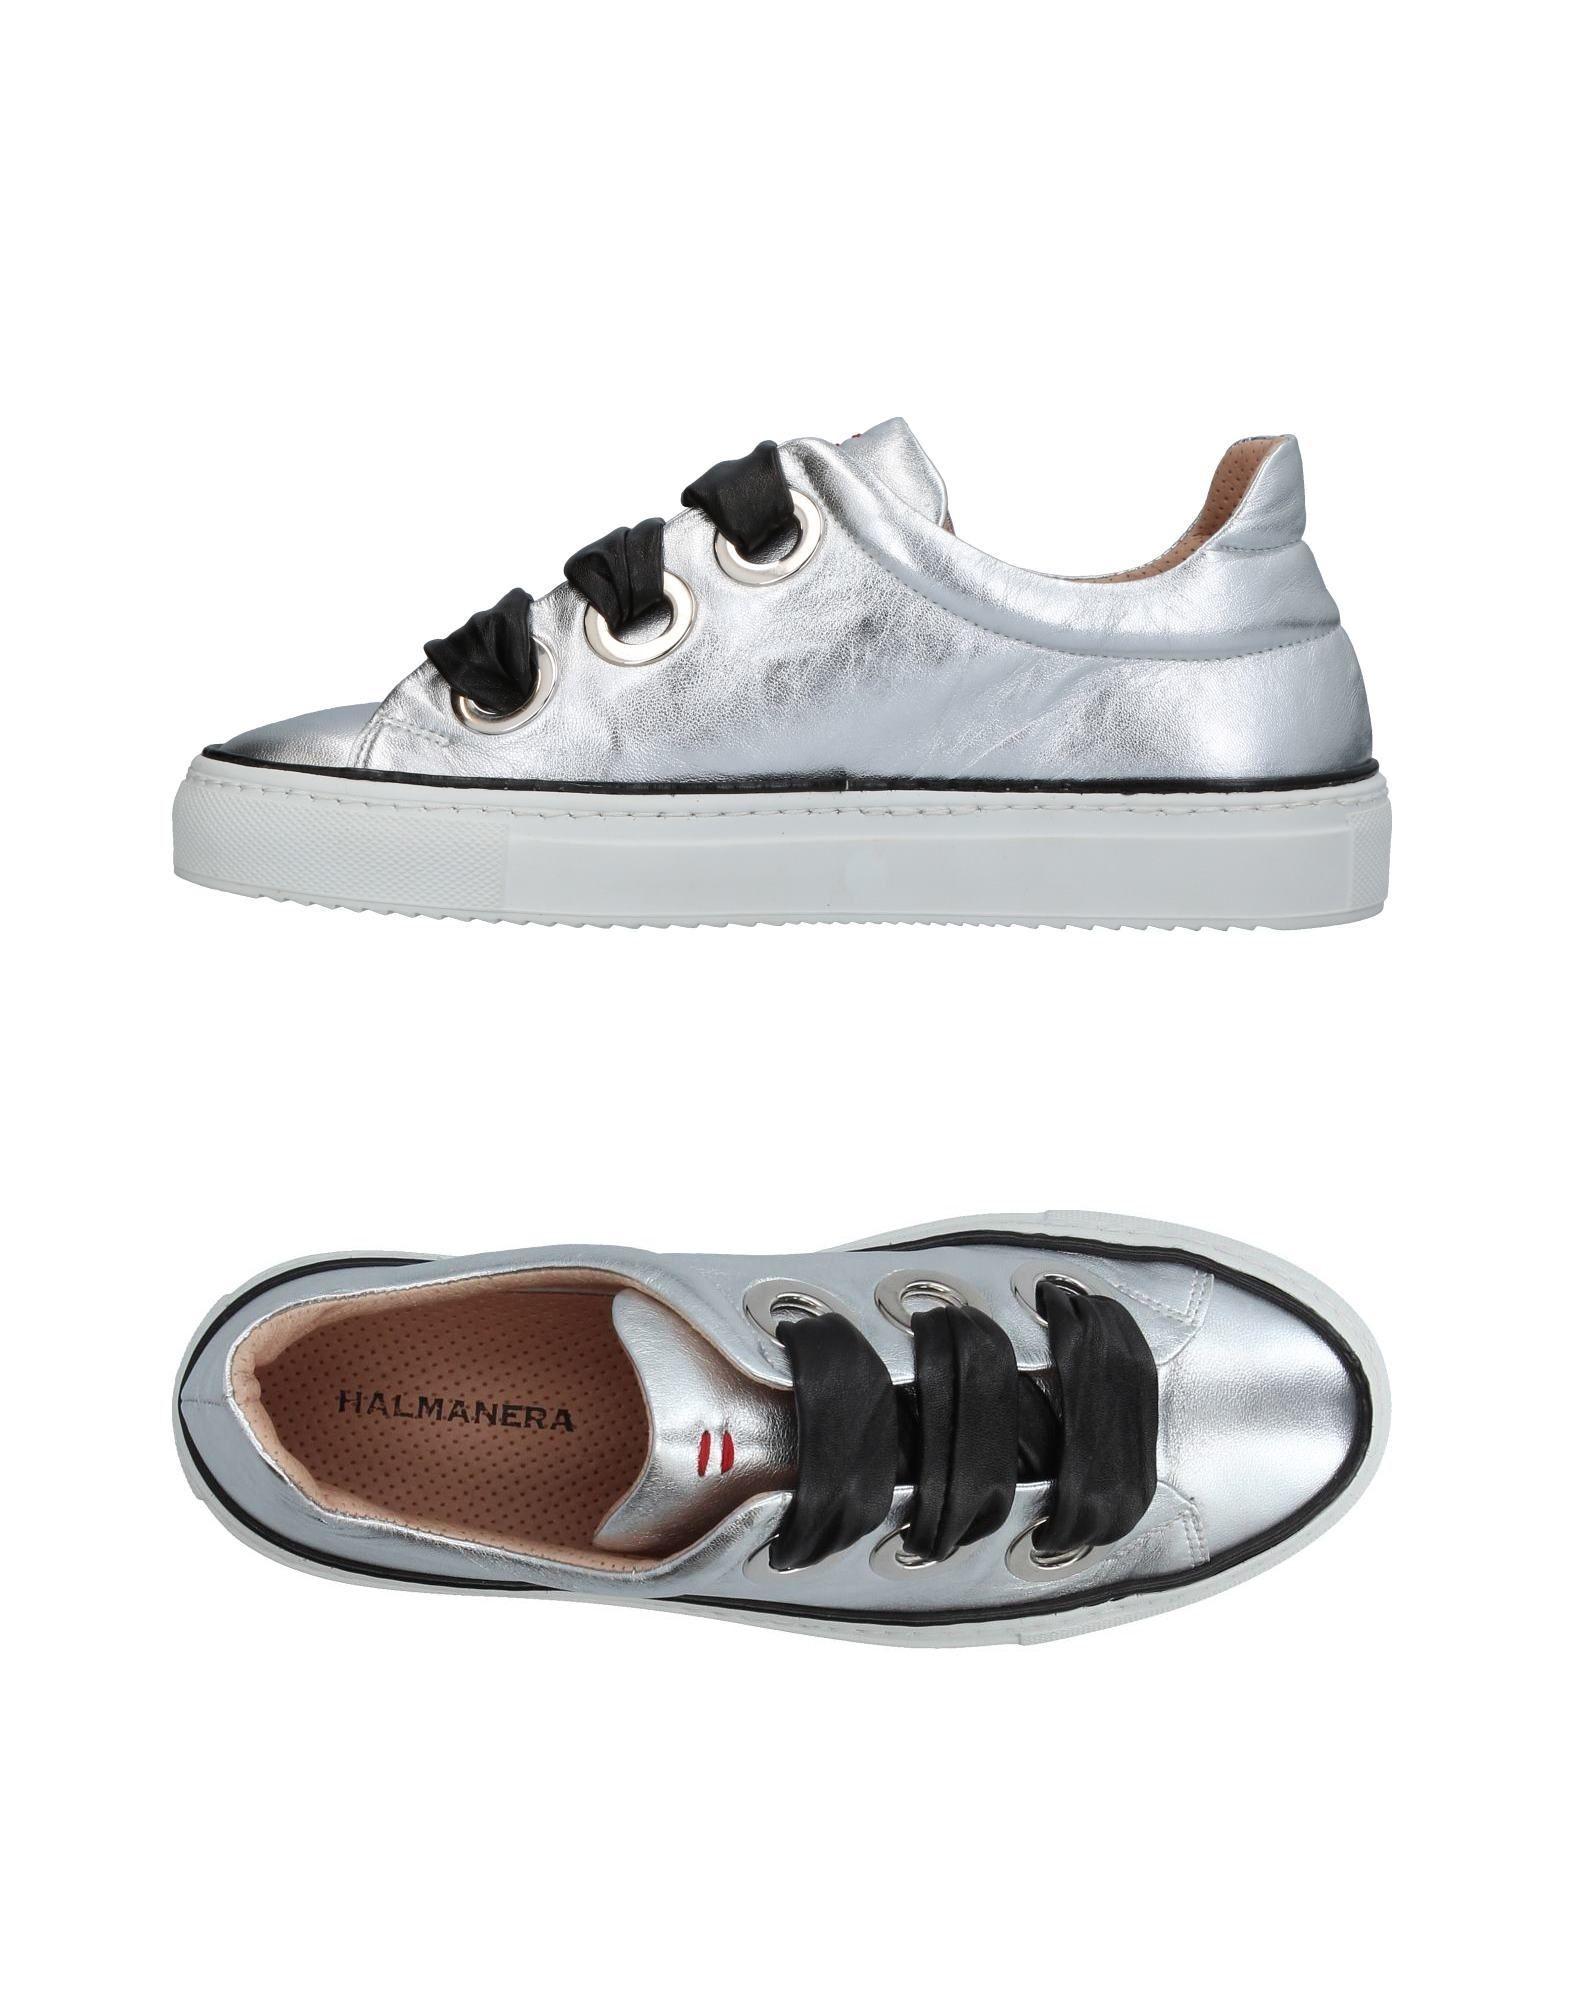 Scarpe economiche e resistenti Sneakers Halmanera Donna - 11370155QG